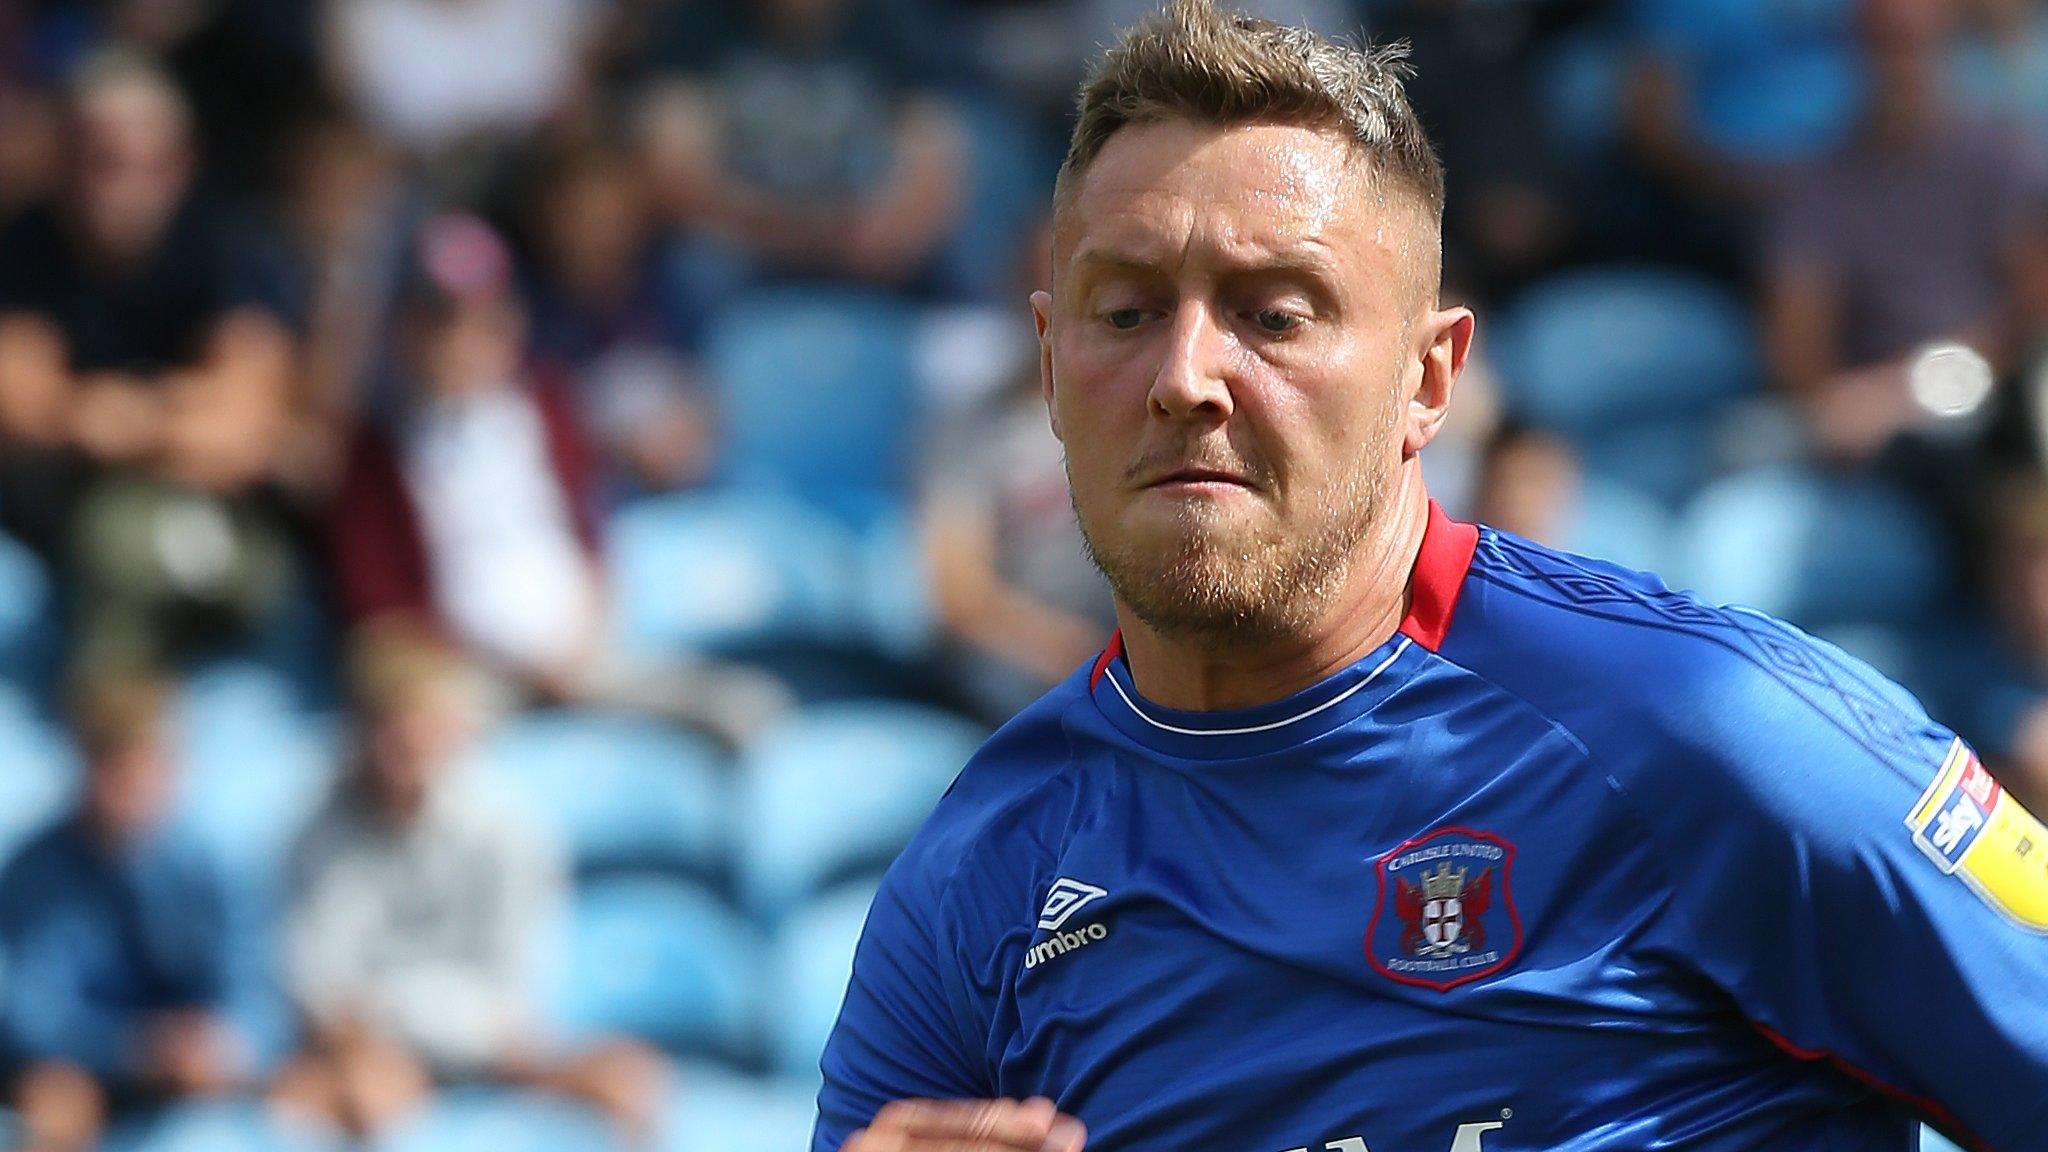 Richie Bennett: Carlisle United striker joins Morecambe on loan for rest of the season